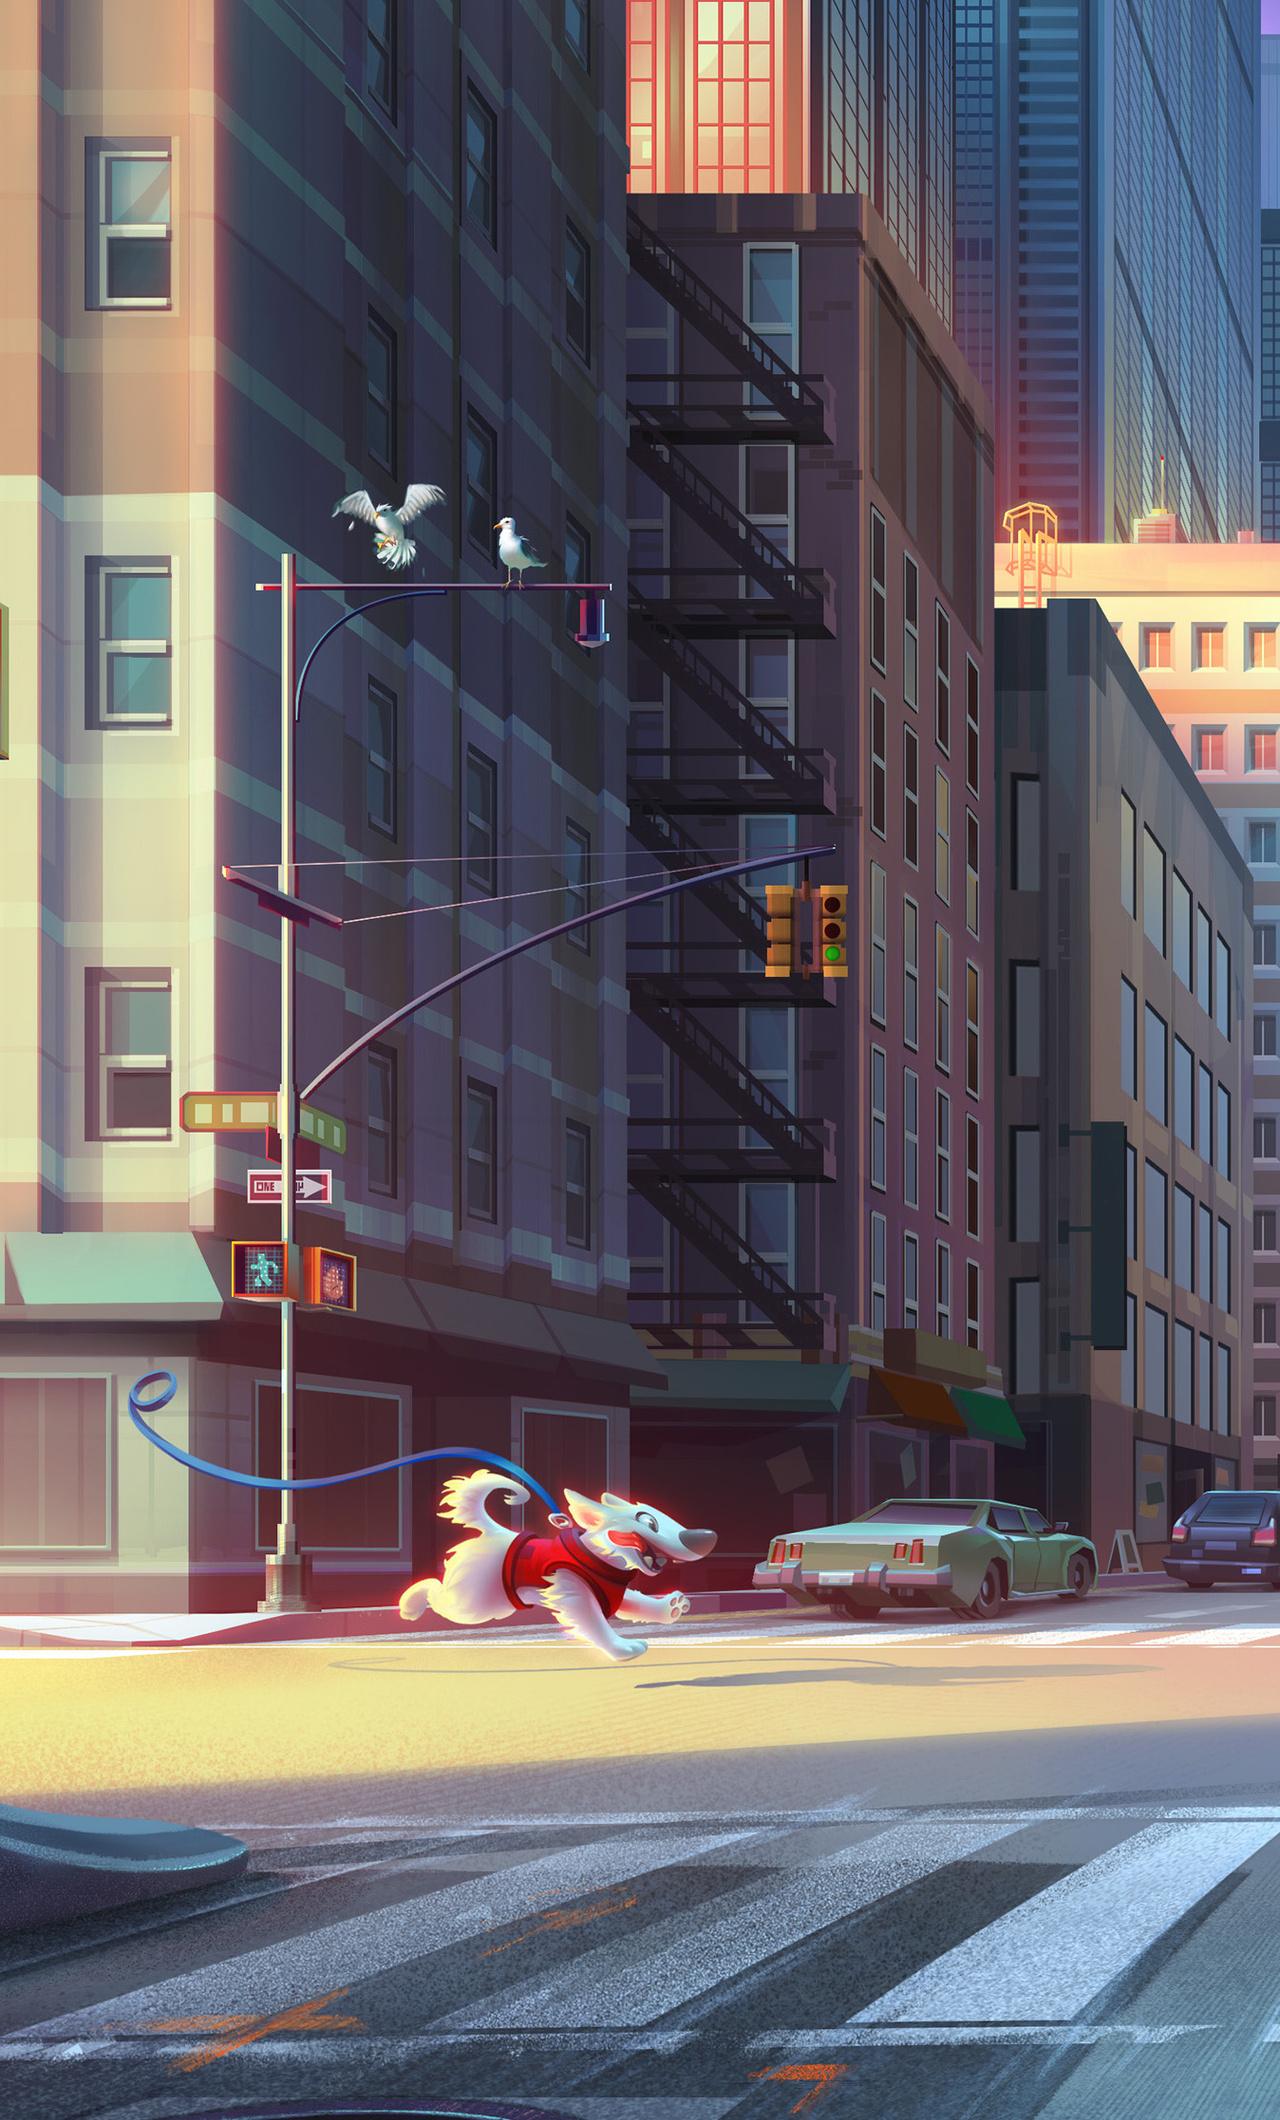 new-york-taxi-dog-4k-z7.jpg